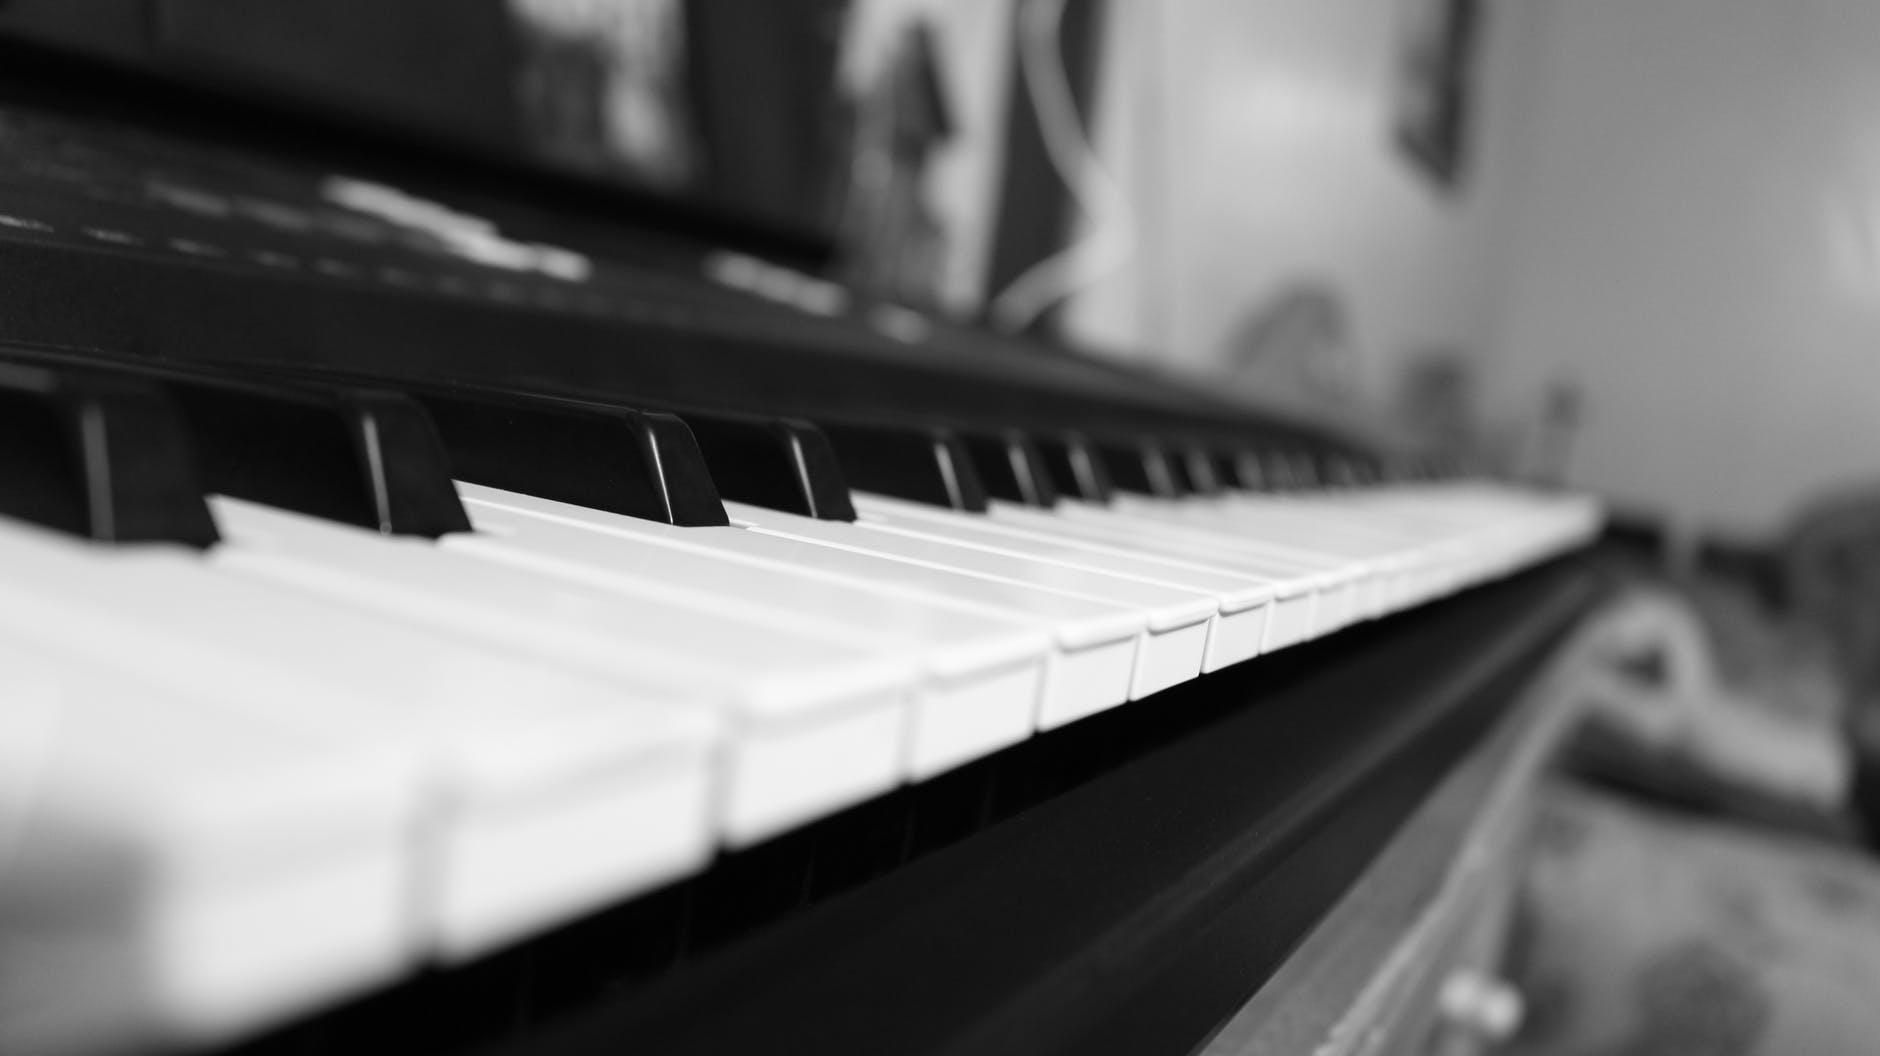 Rivolto degli intervalli musicali